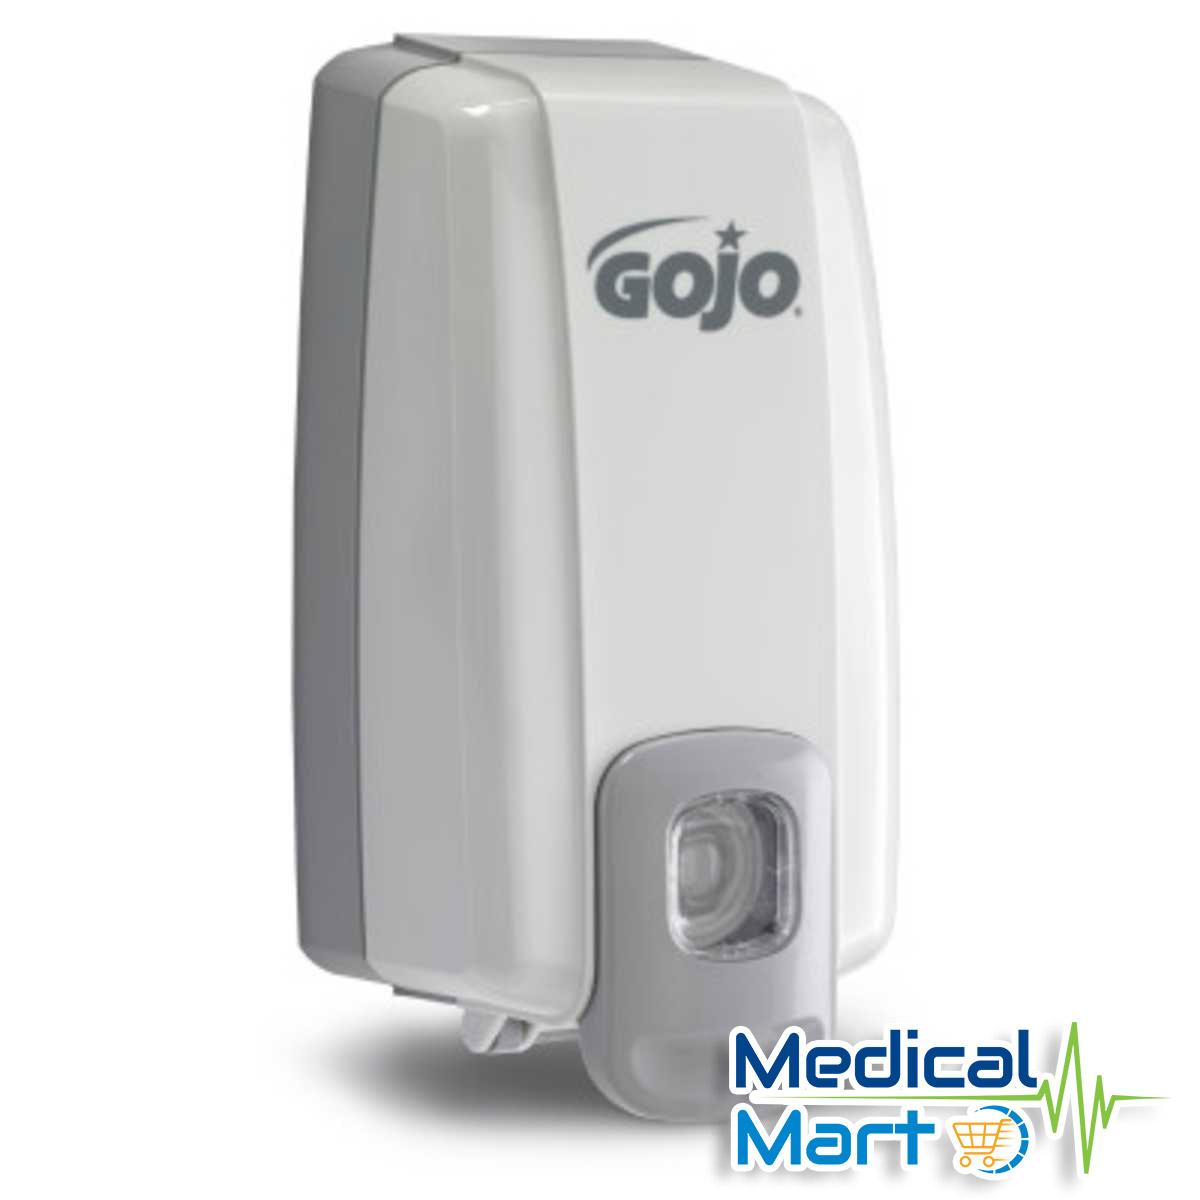 Gojo Liquid Soap Dispenser